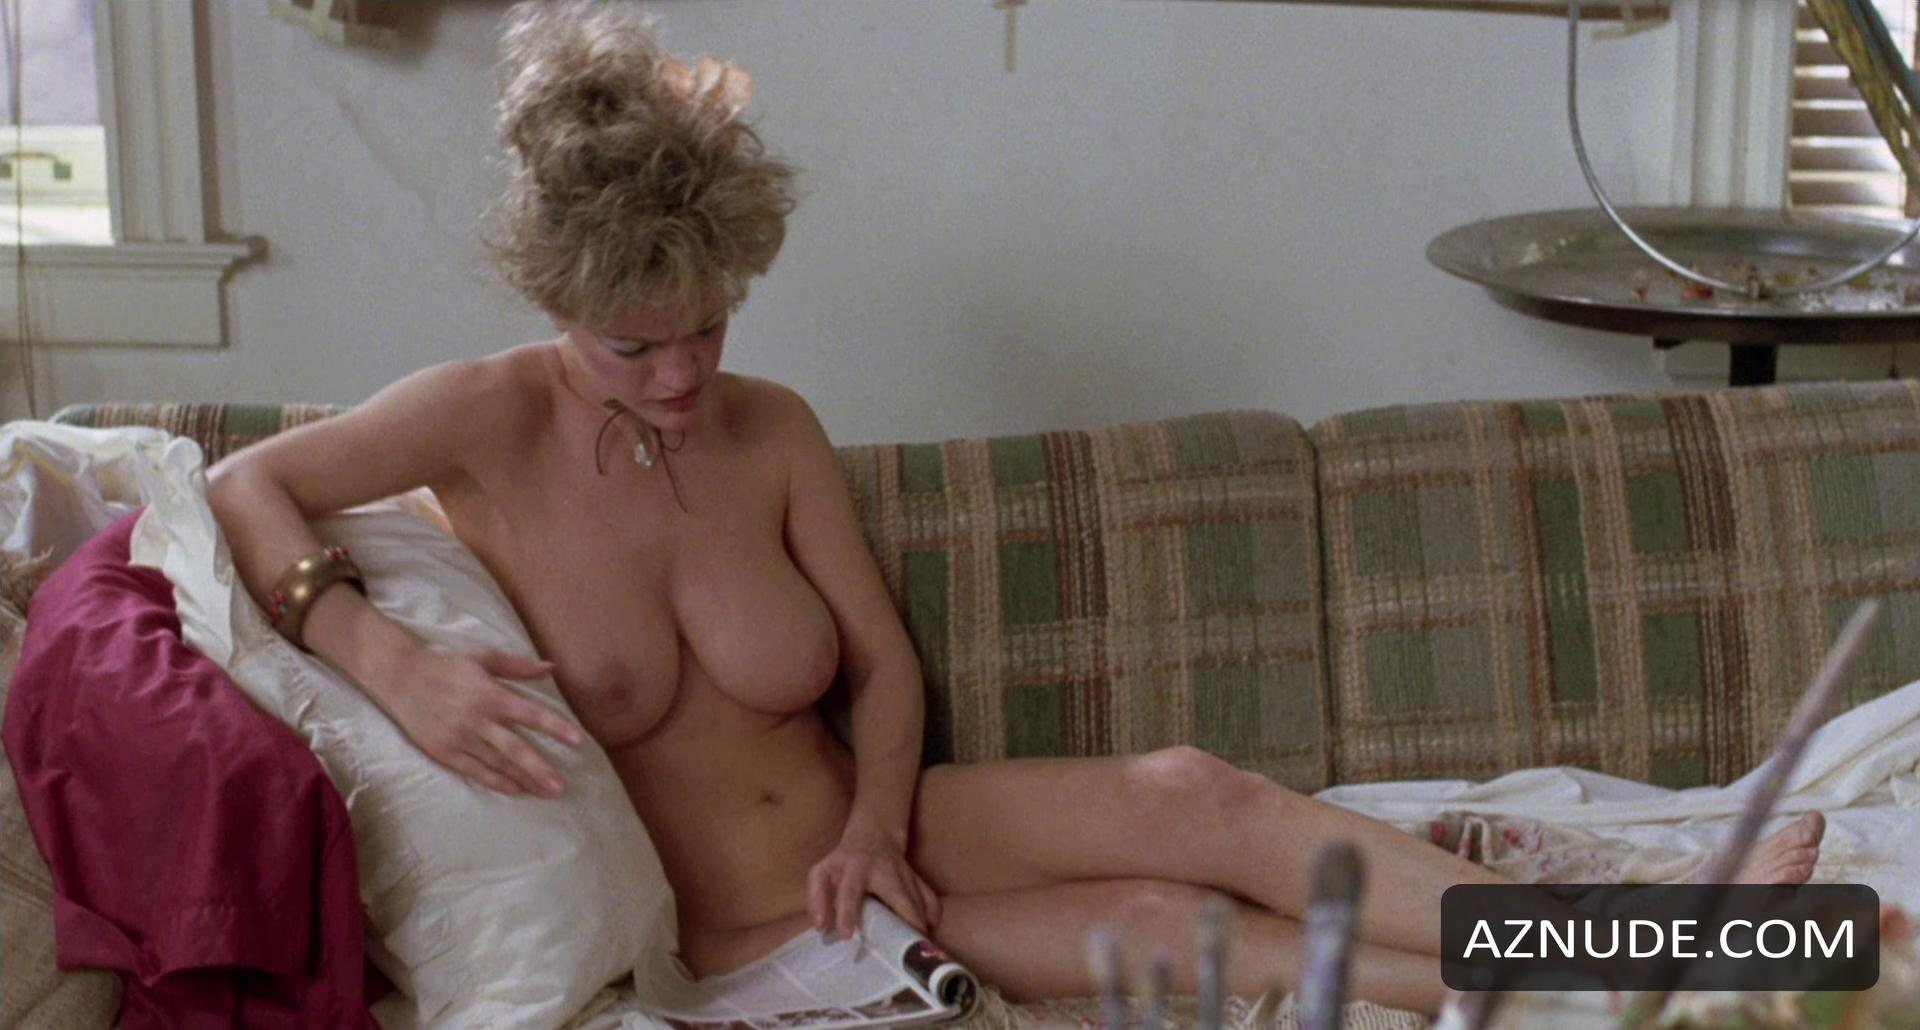 Sex Elizabeth Mastrantonio Nude Jpg